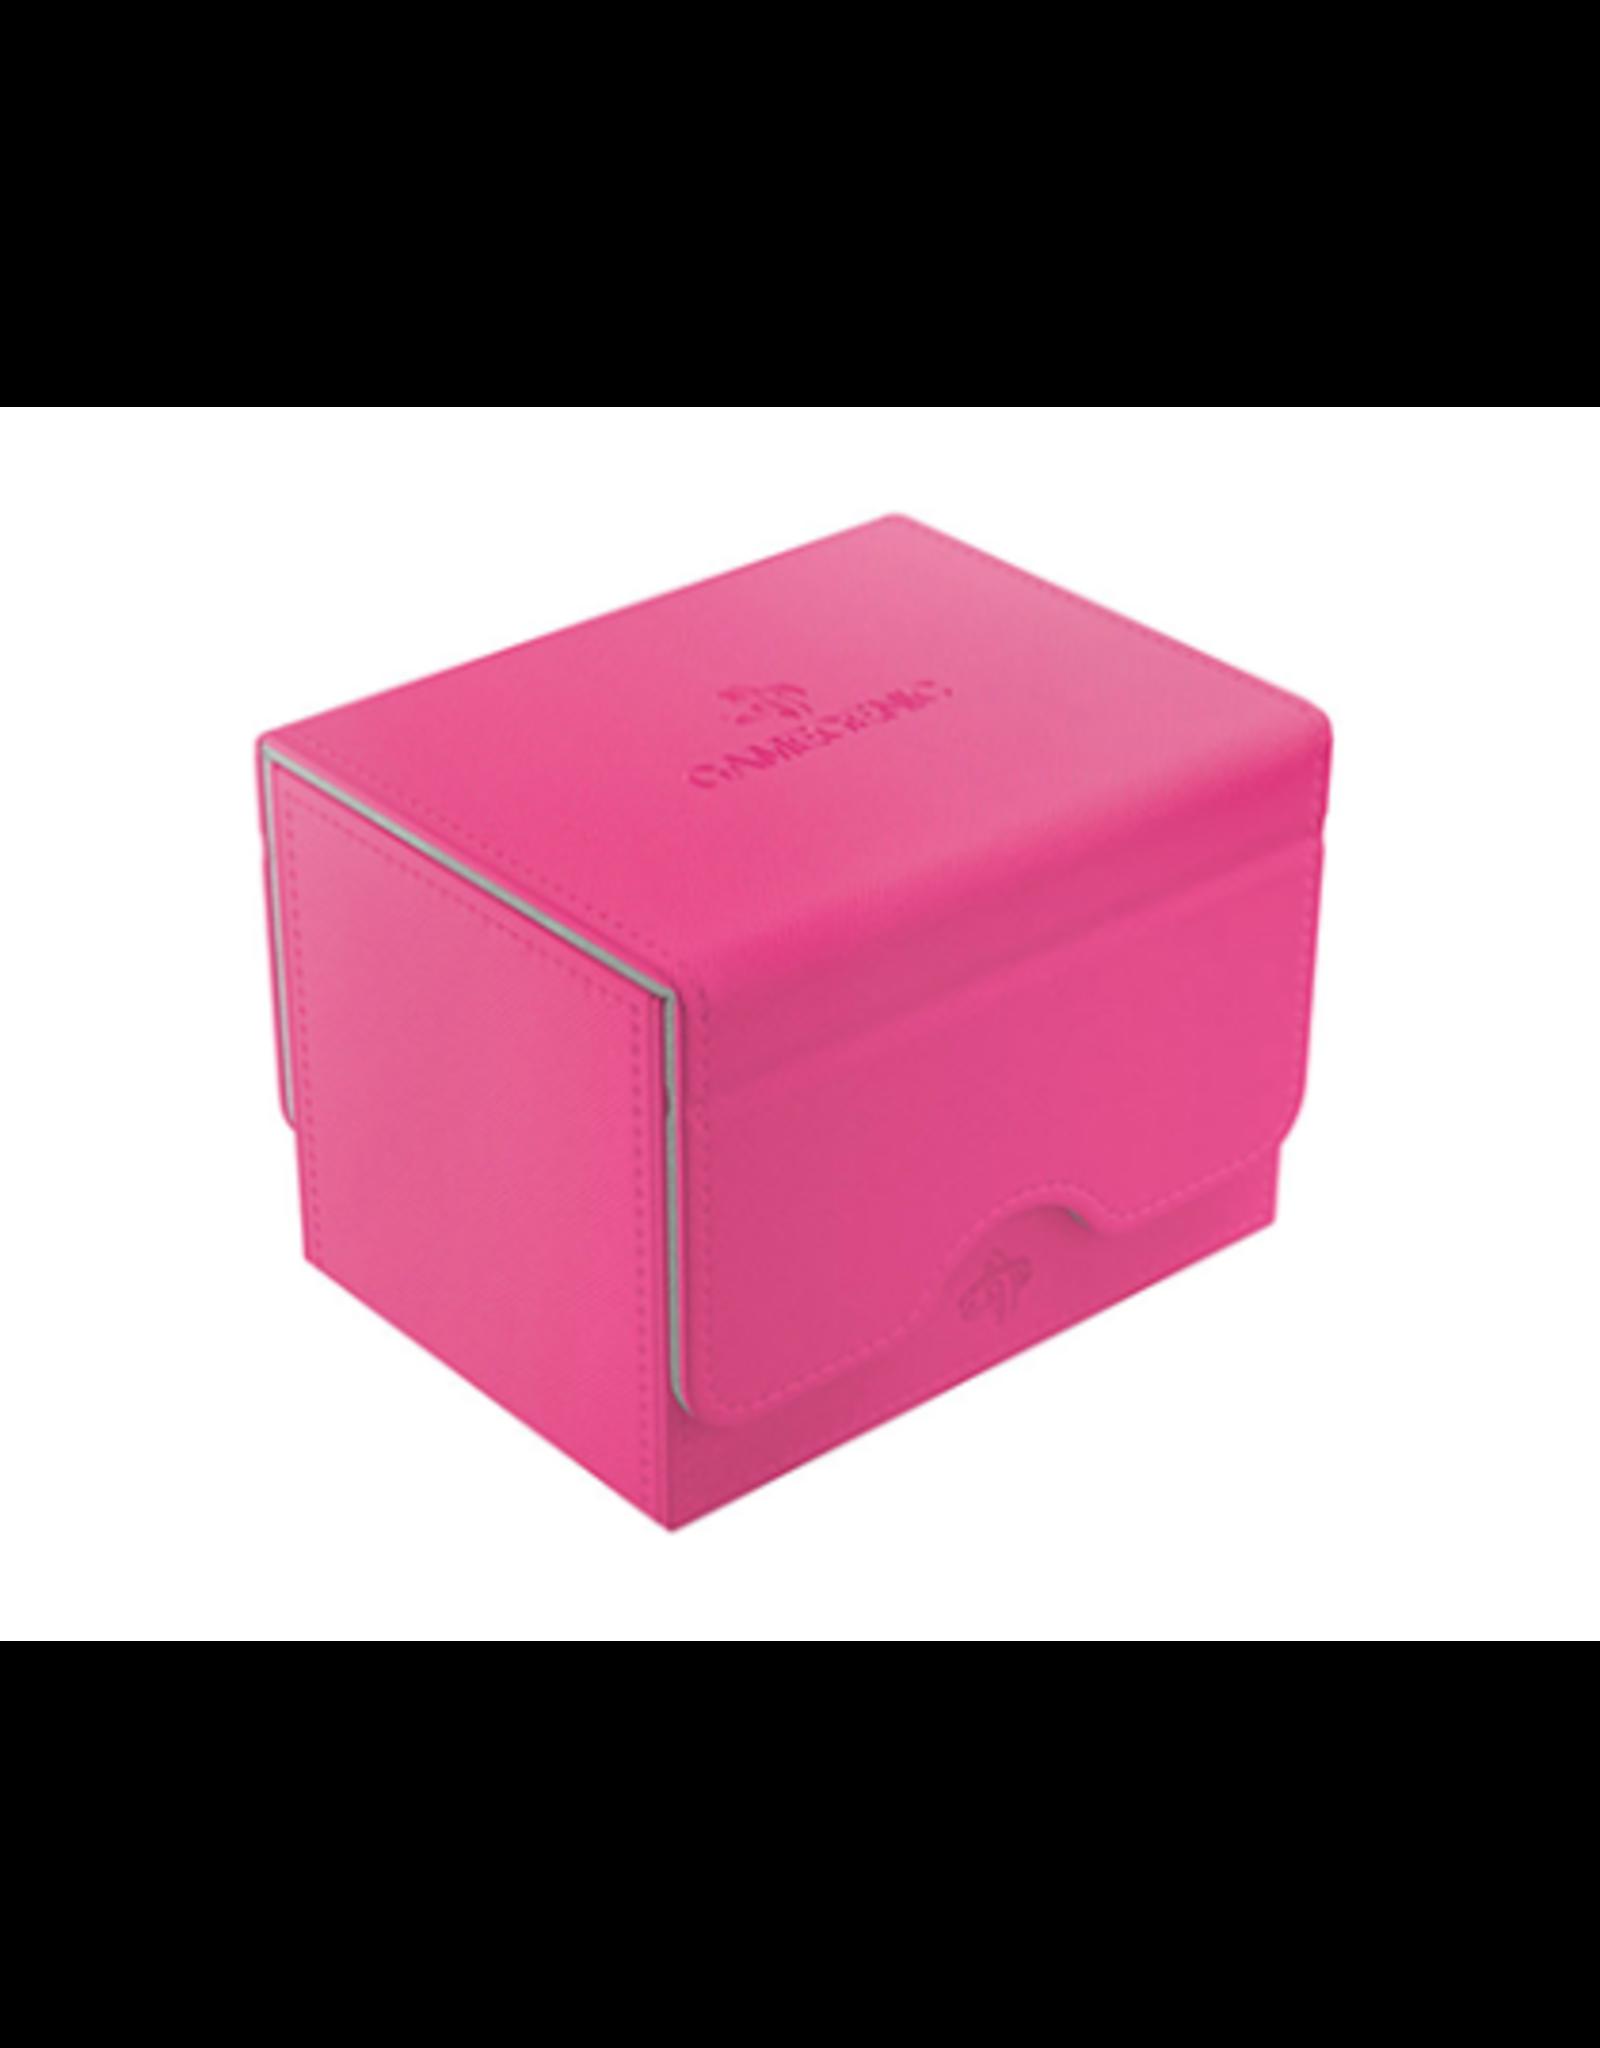 GameGenic Sidekick 100+ Convertible Pink